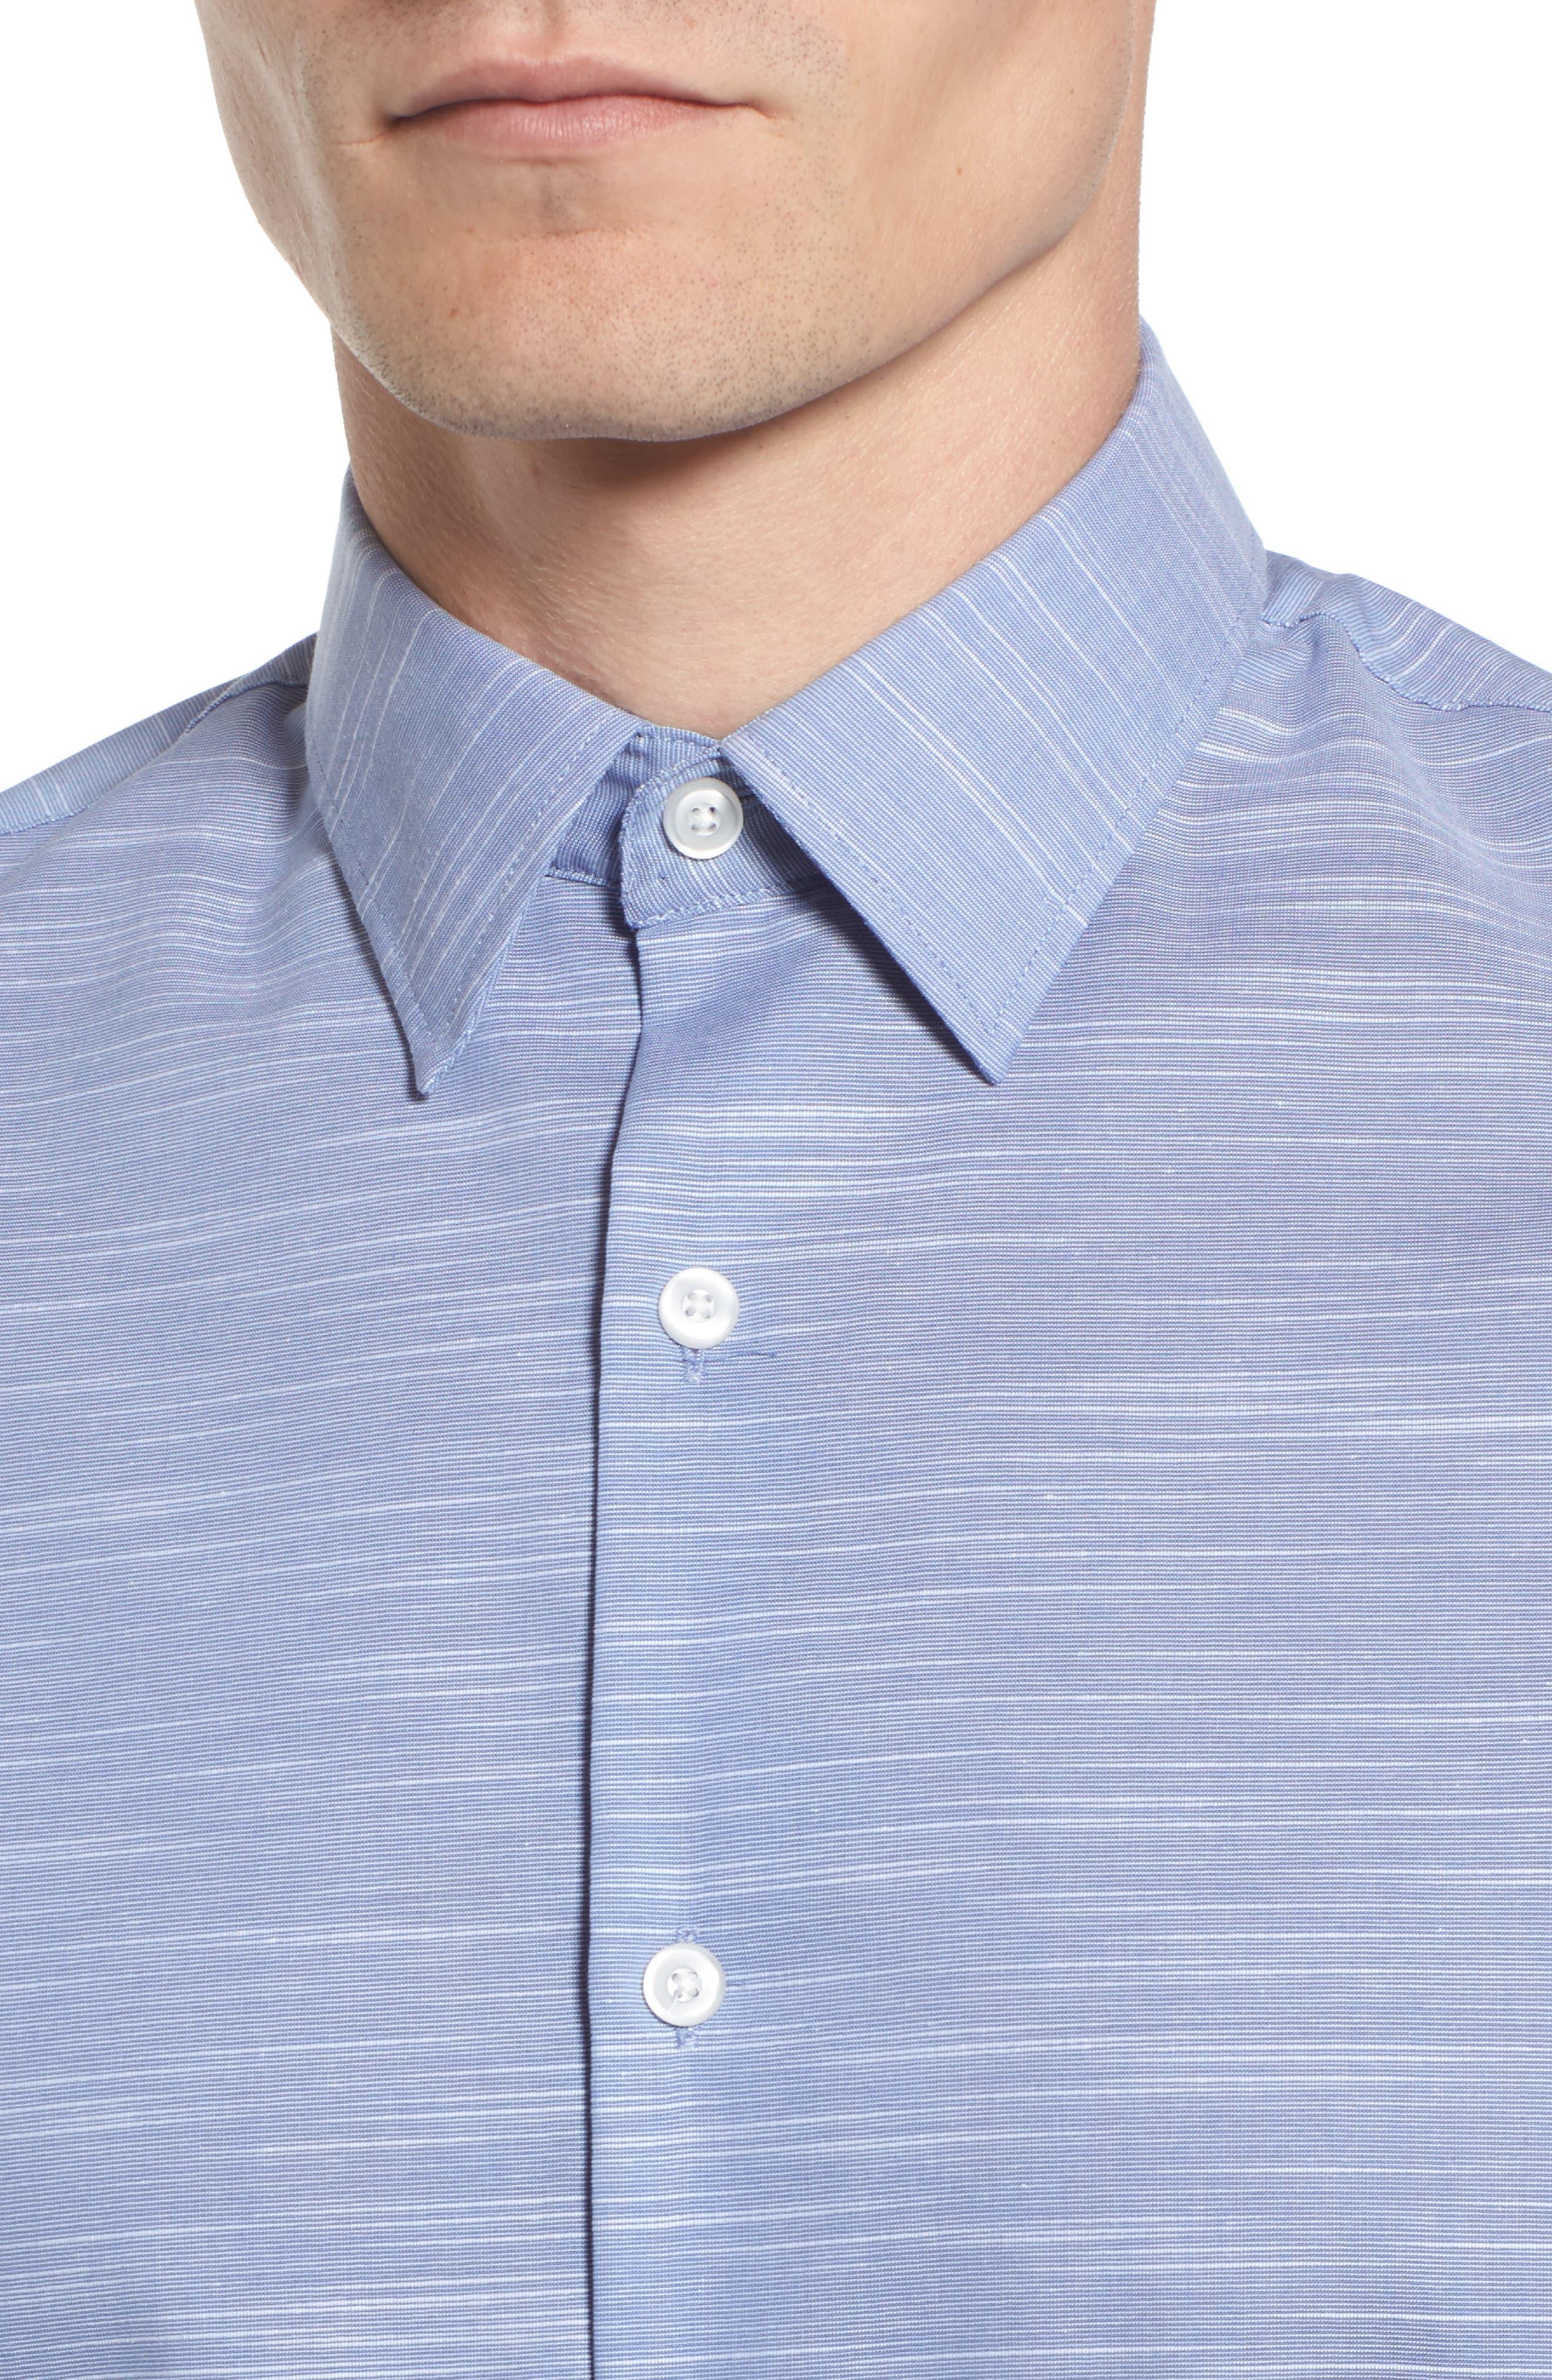 Calilbrate Slim Fit Slub Woven Shirt,                             Alternate thumbnail 11, color,